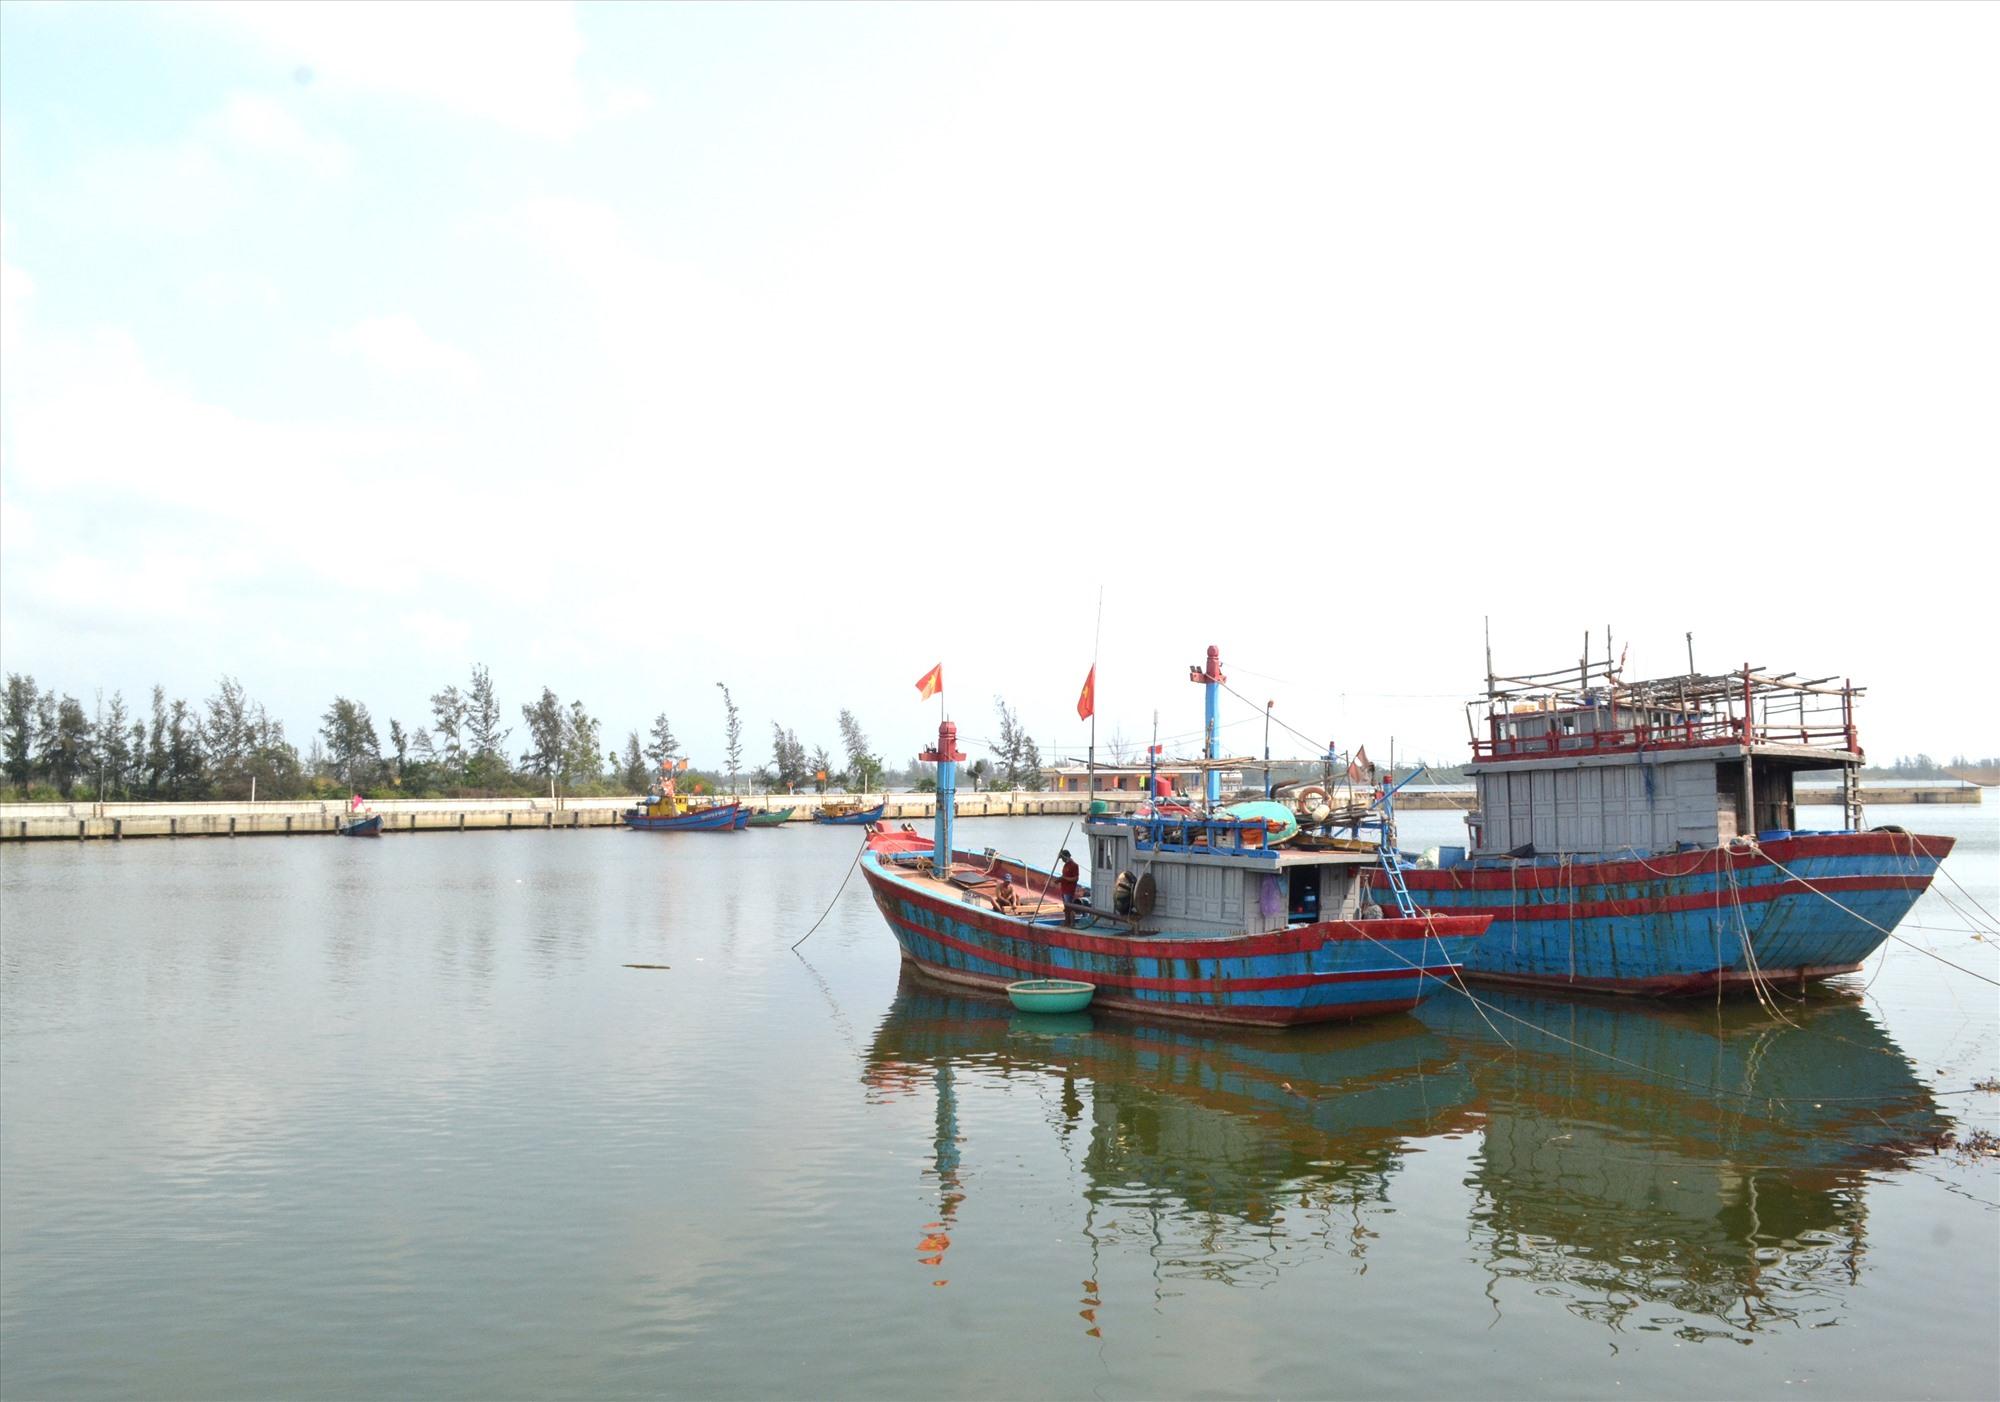 Đầu tư cảng cá kết hợp với khu neo đậu tàu thuyền Hồng Triều sẽ là động lực phát triển bền vững nghề cá. Ảnh: VIỆT NGUYỄN